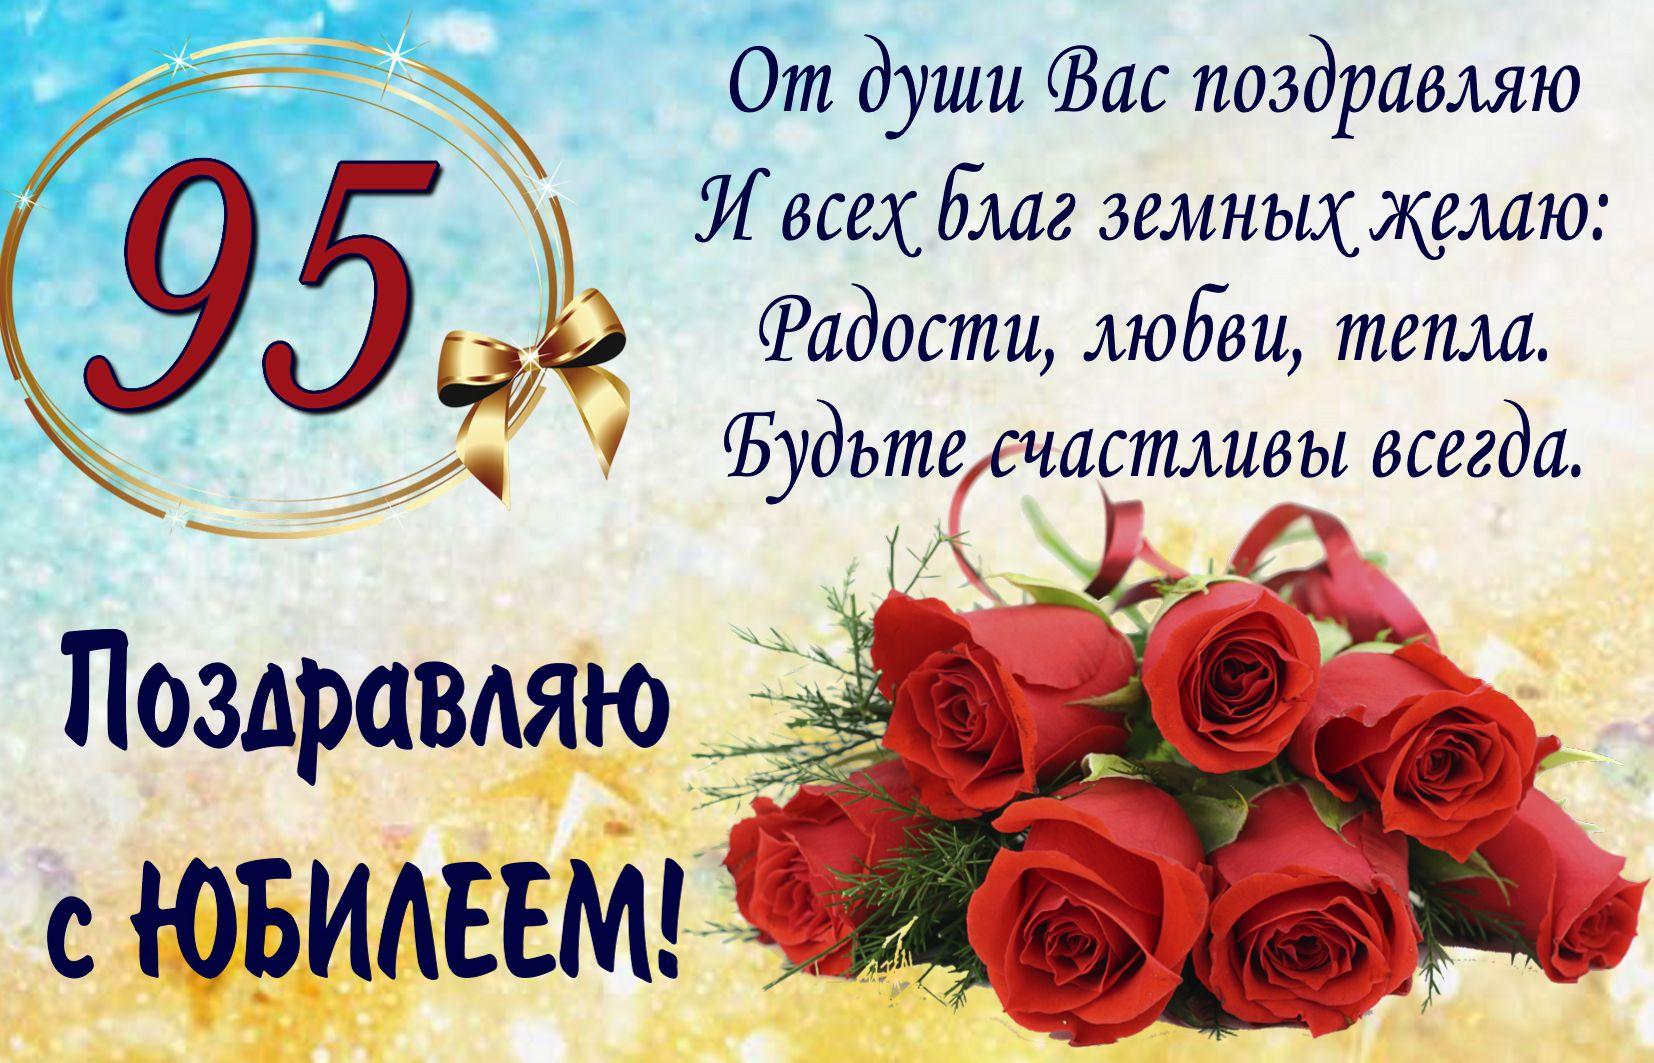 Открытка на юбилей 95 лет - красные розы с пожеланием на красивом фоне